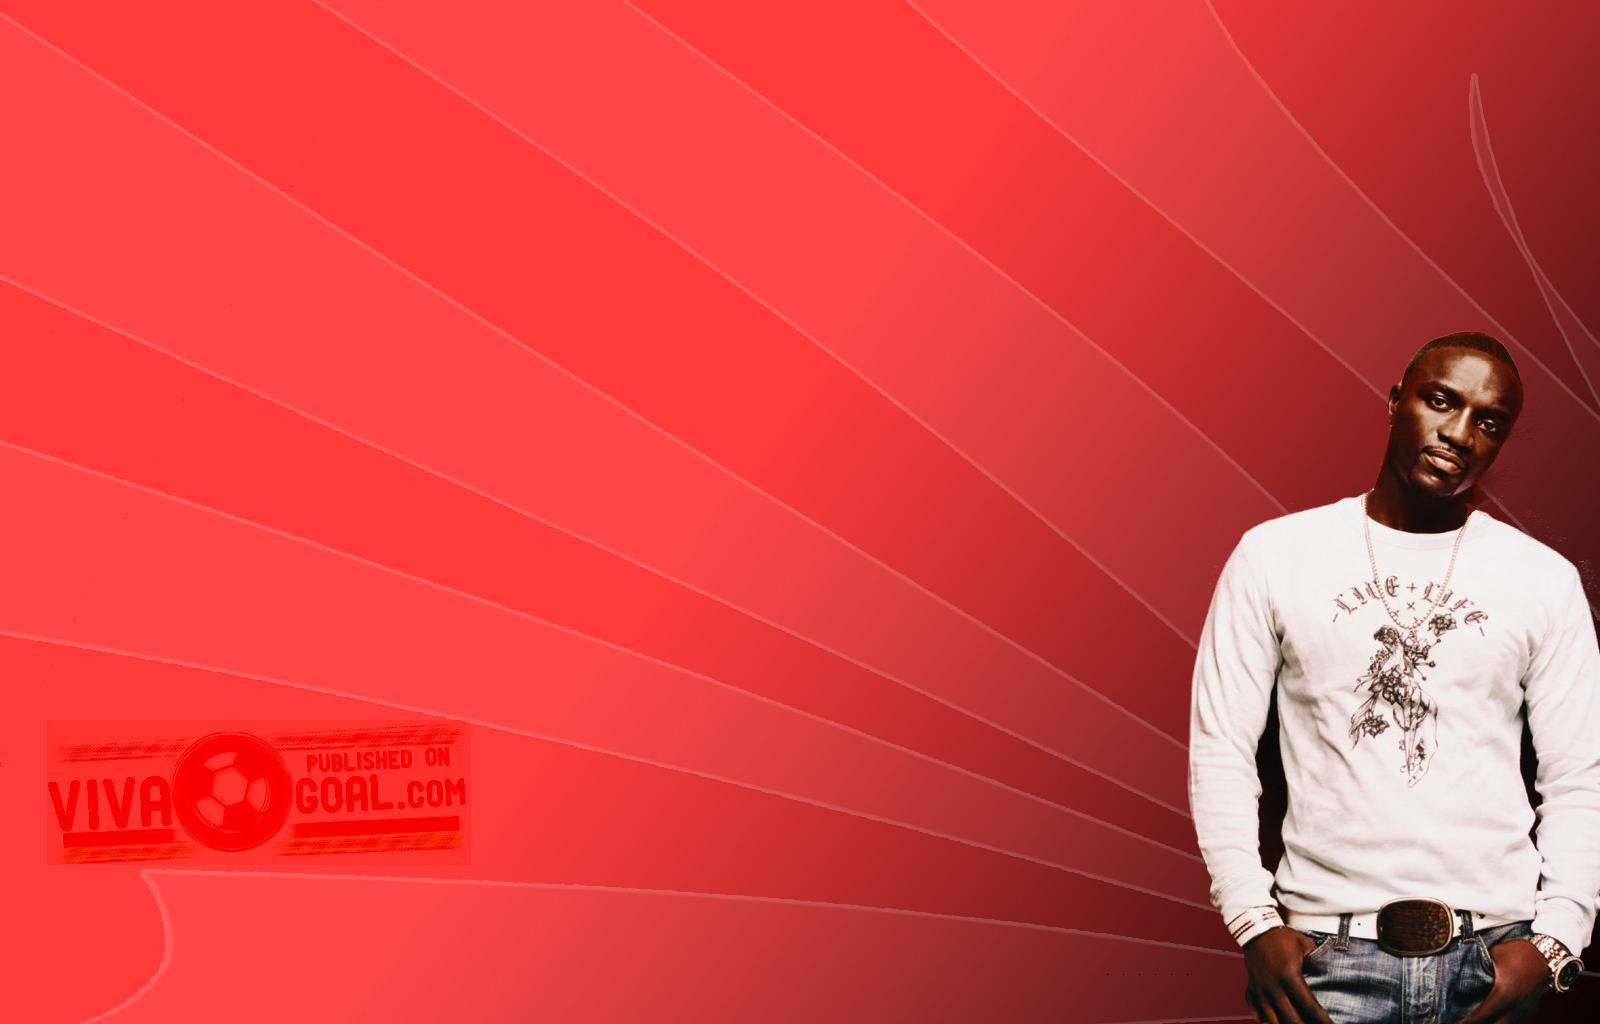 http://4.bp.blogspot.com/_j5HXTgMDrl4/S9iri1gSQpI/AAAAAAAAAKM/WBJKaXpE6uQ/s1600/akon_wallpaper.jpg